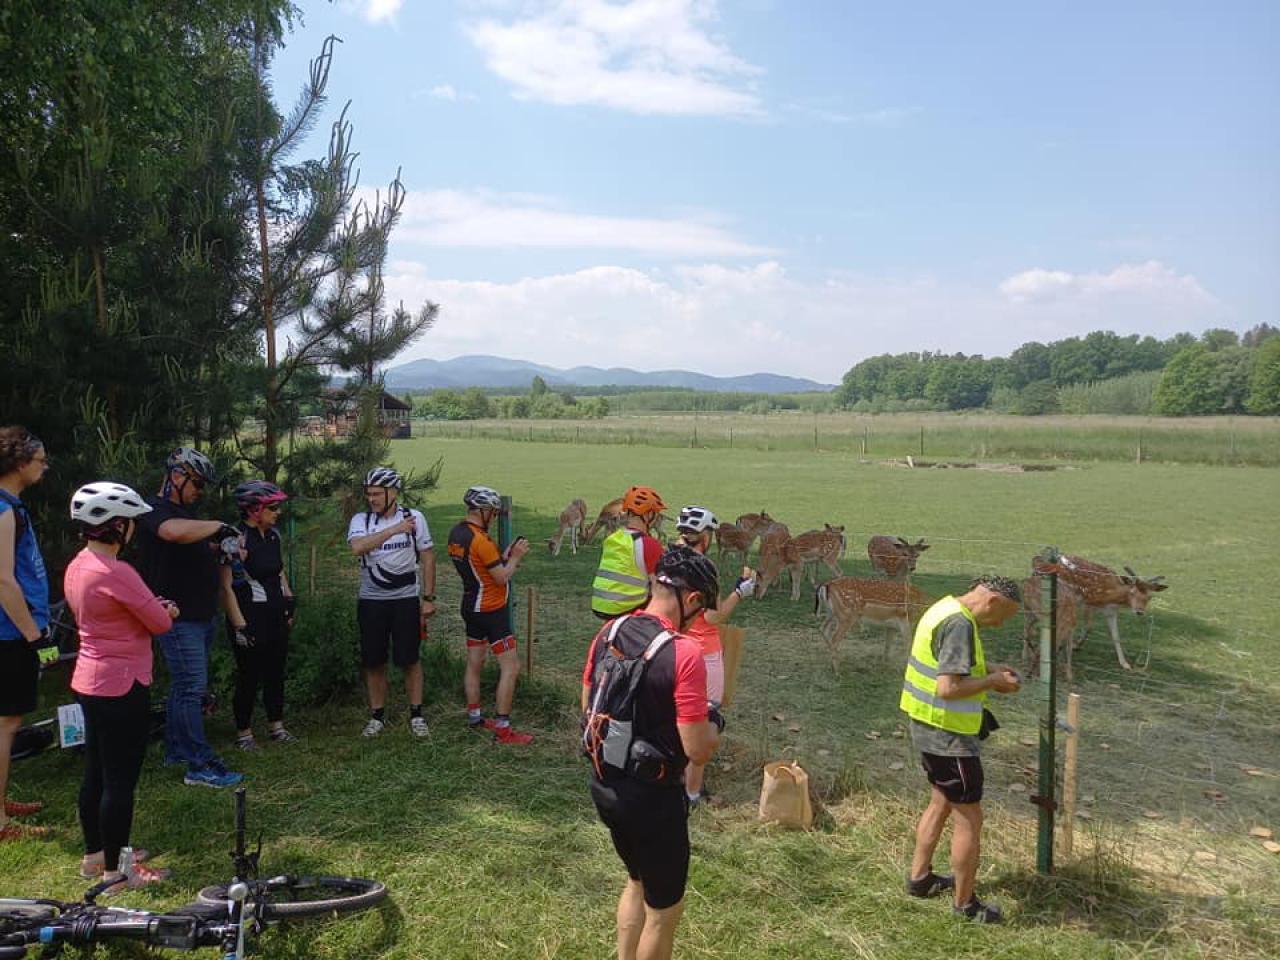 Rekreacyjny rajd zainaugurował sezon rowerowy w gminie Złoty Stok